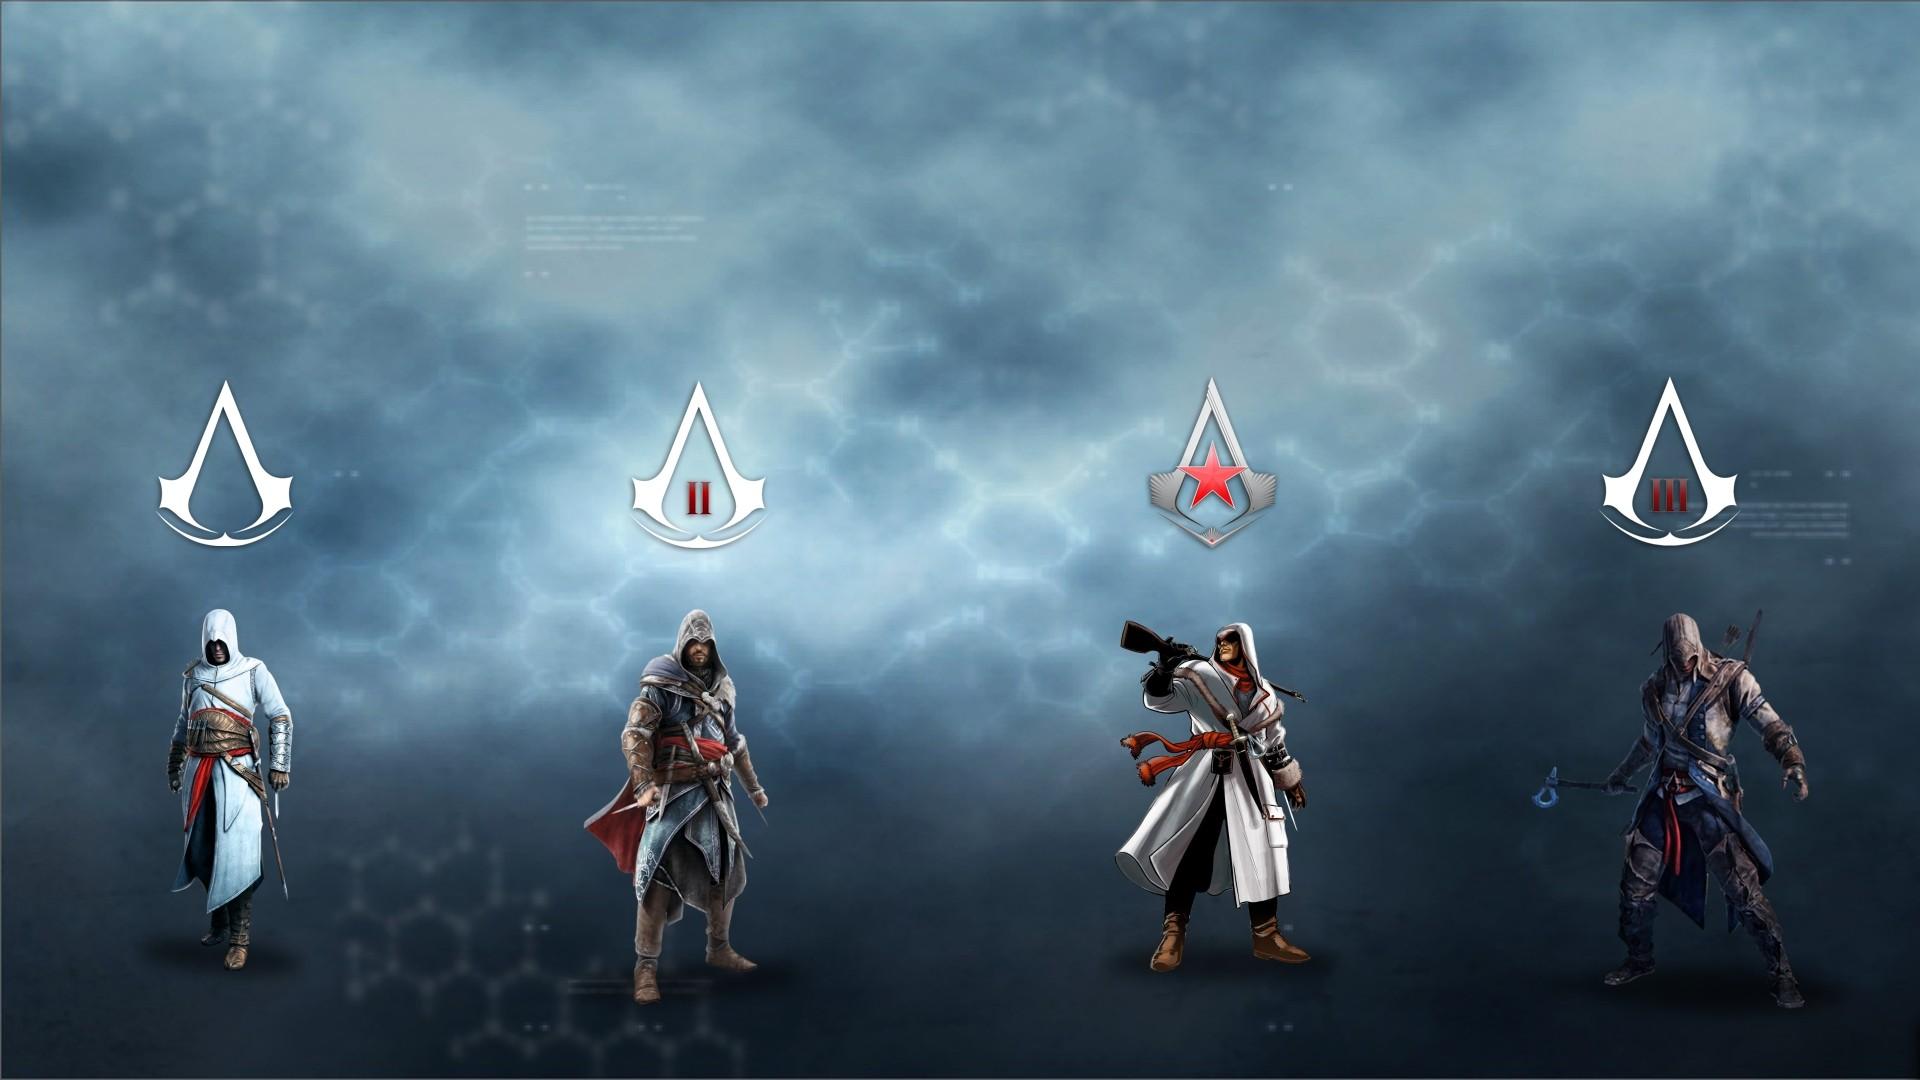 Assassins Creed Computer Wallpapers Desktop Backgrounds 1920x1080 1920x1080